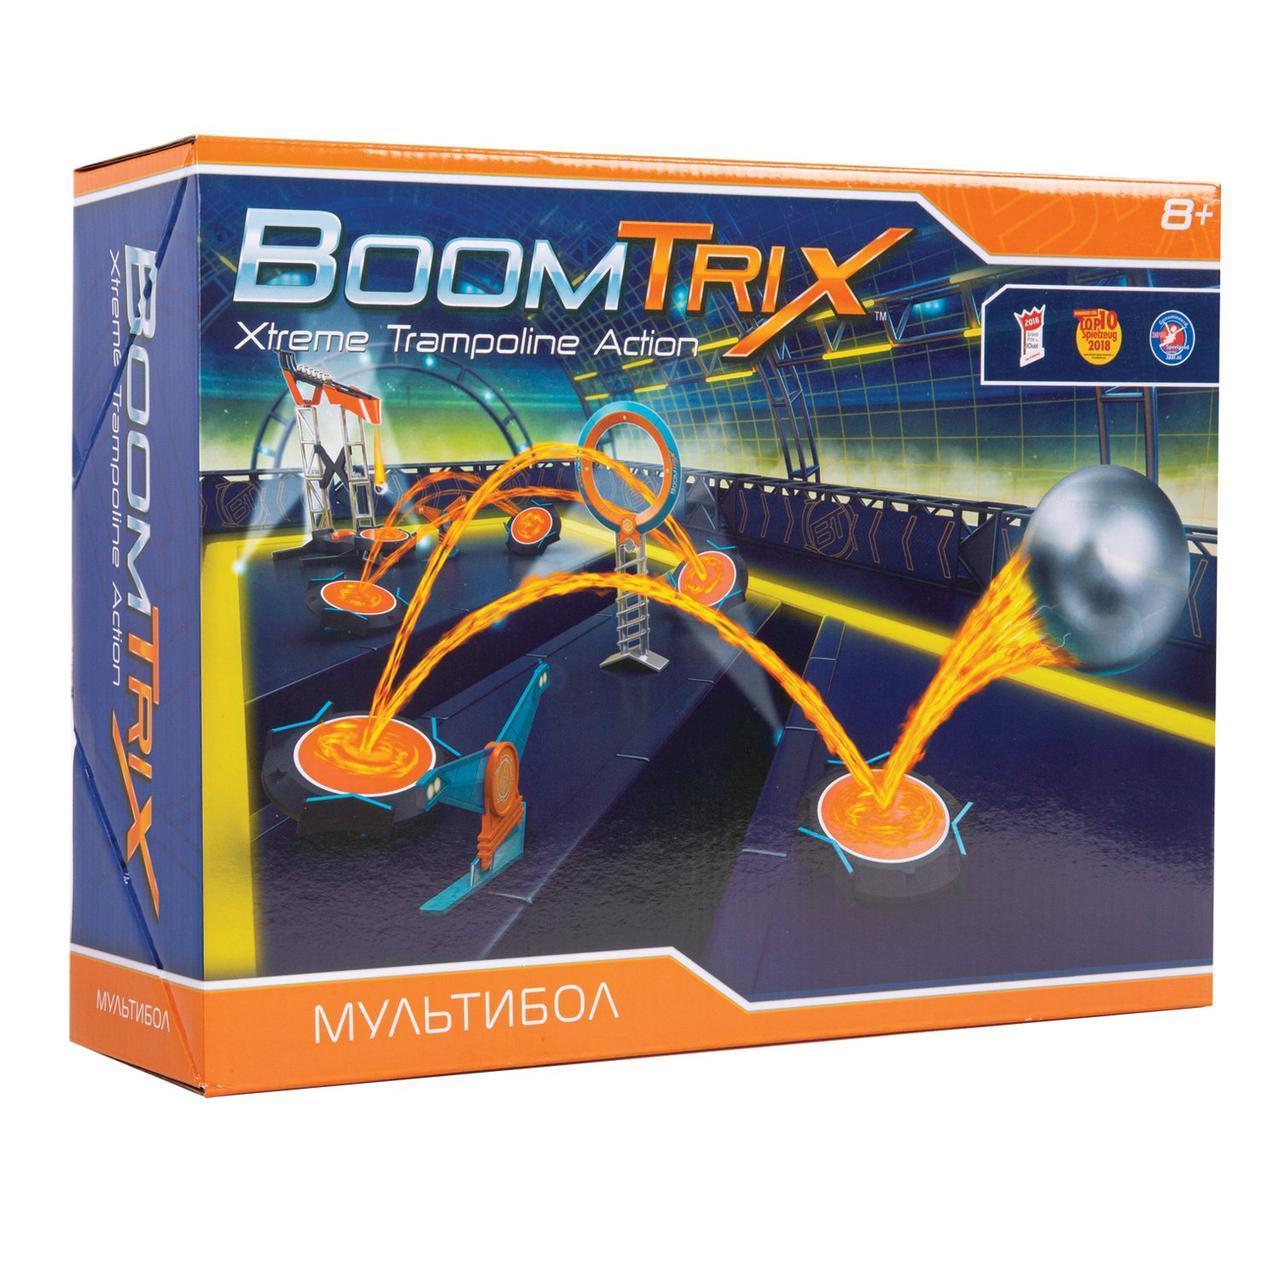 BoomTrix 80650 Стартовый набор для настольной игры Бумтрикс Мультибол